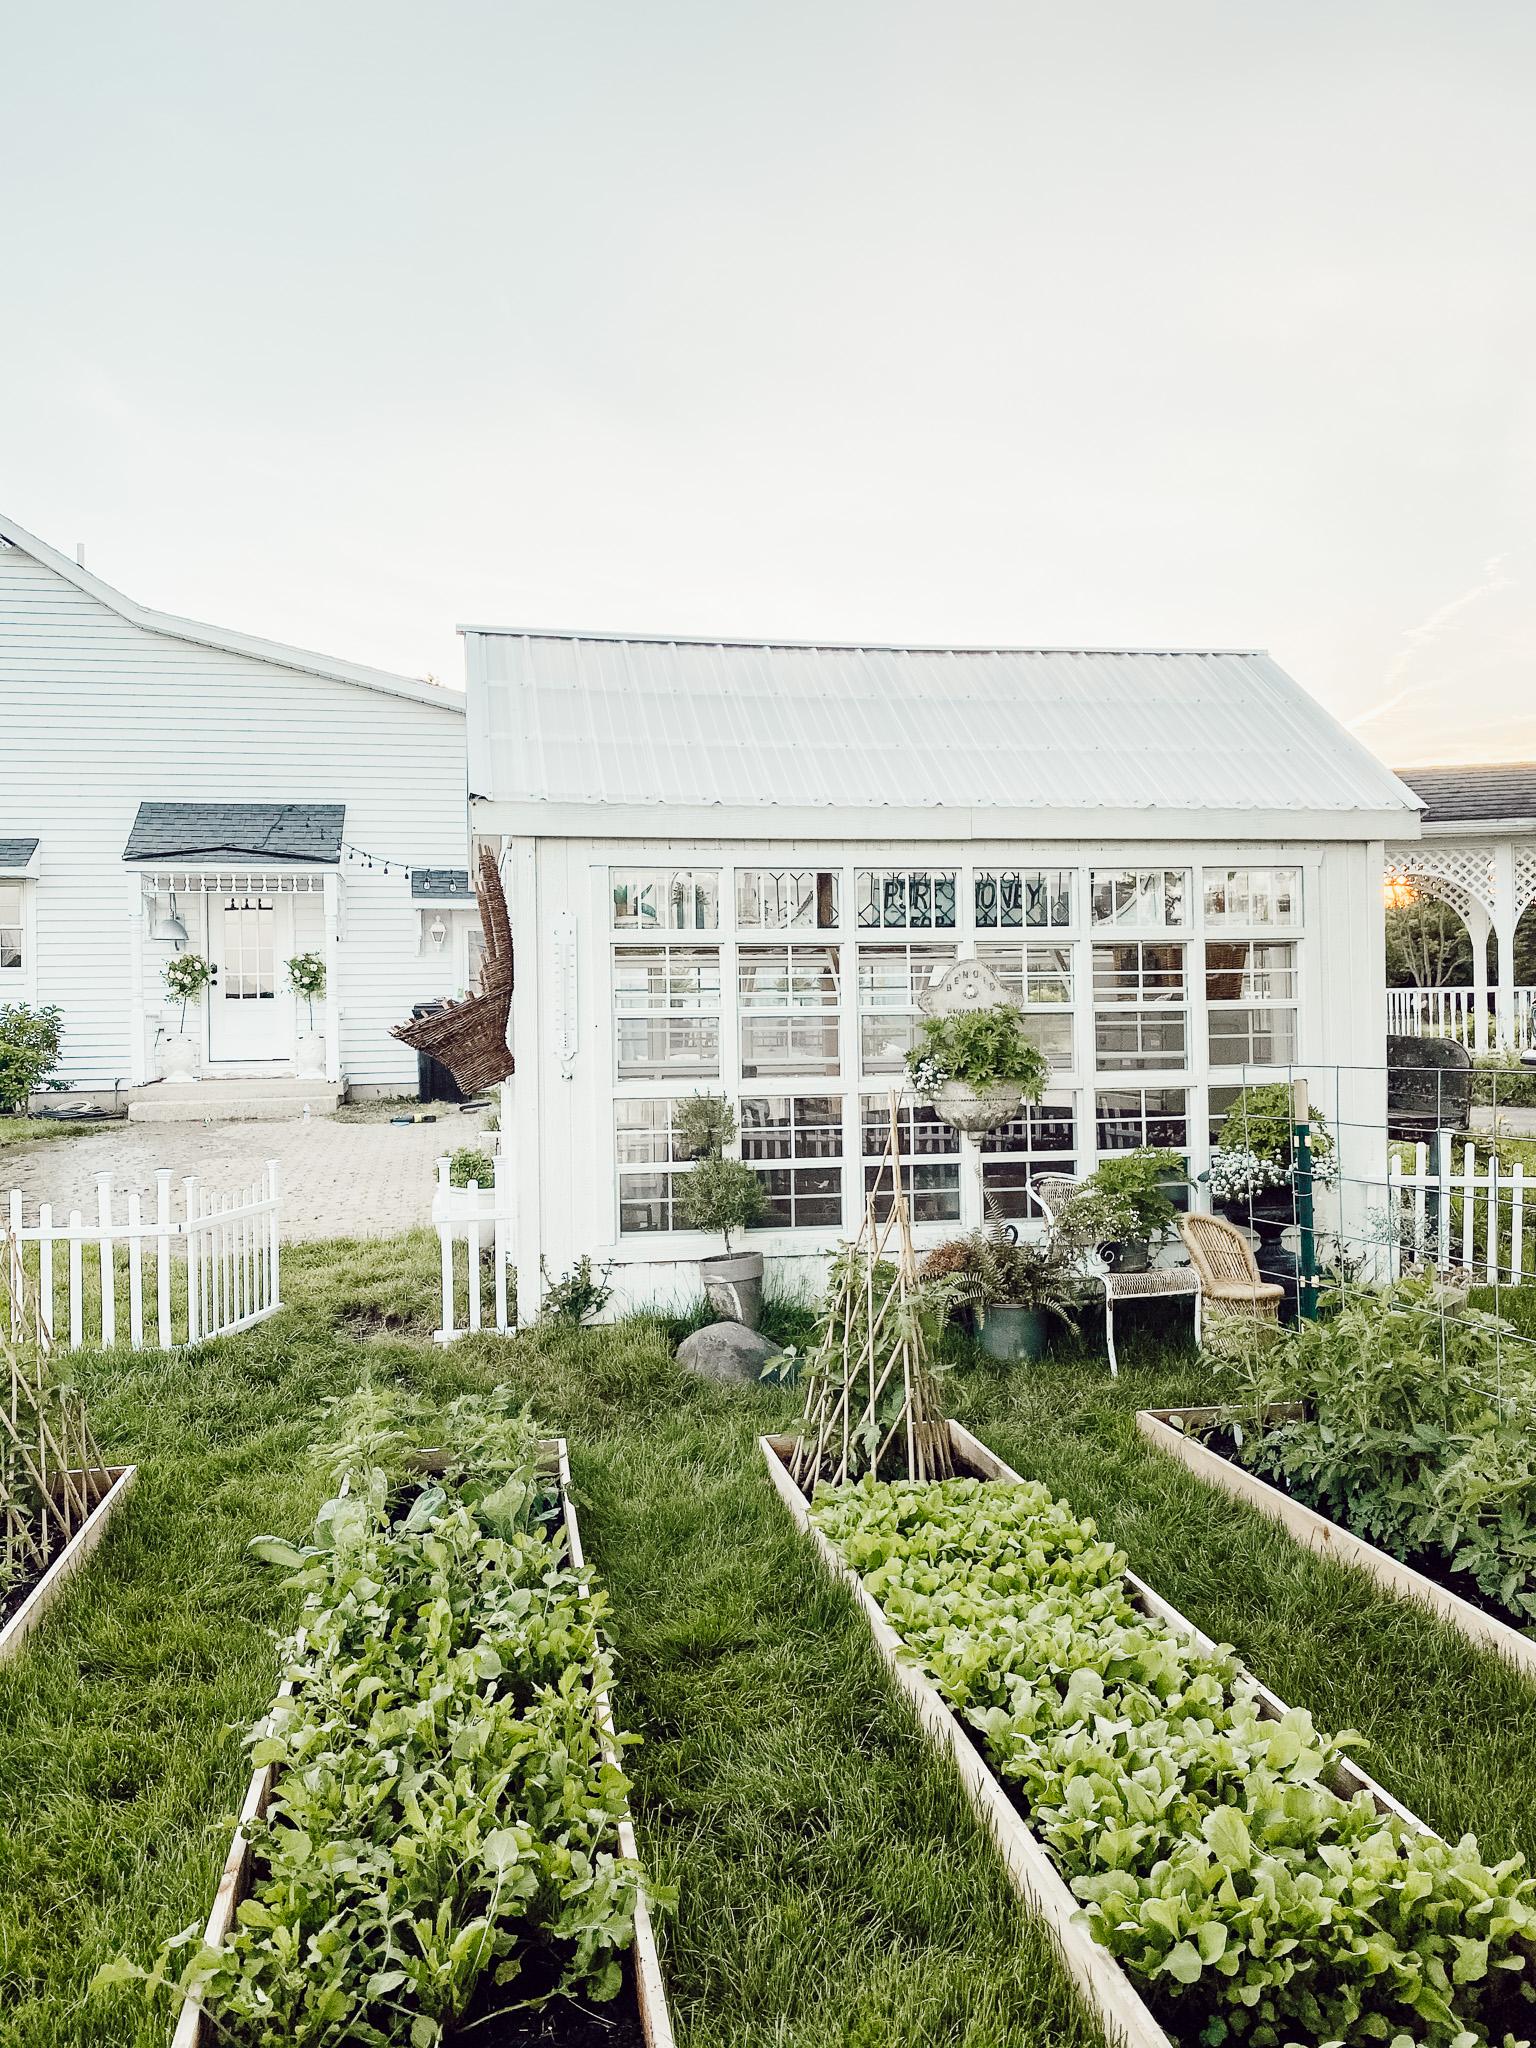 Veggie Garden Q&A